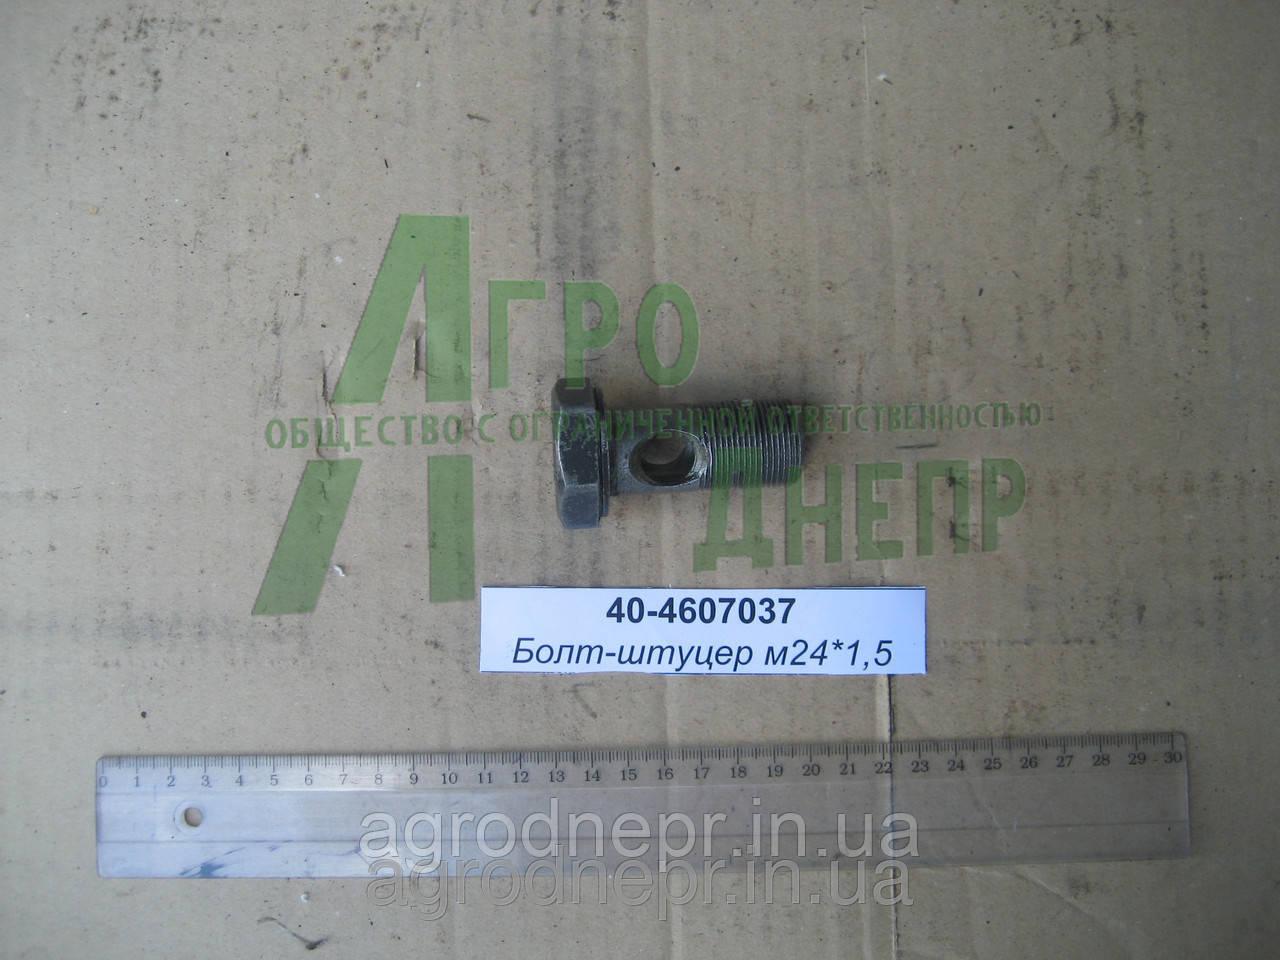 Болт-штуцер М24*1,5  Годрораспределителя Р-80 40-4607037